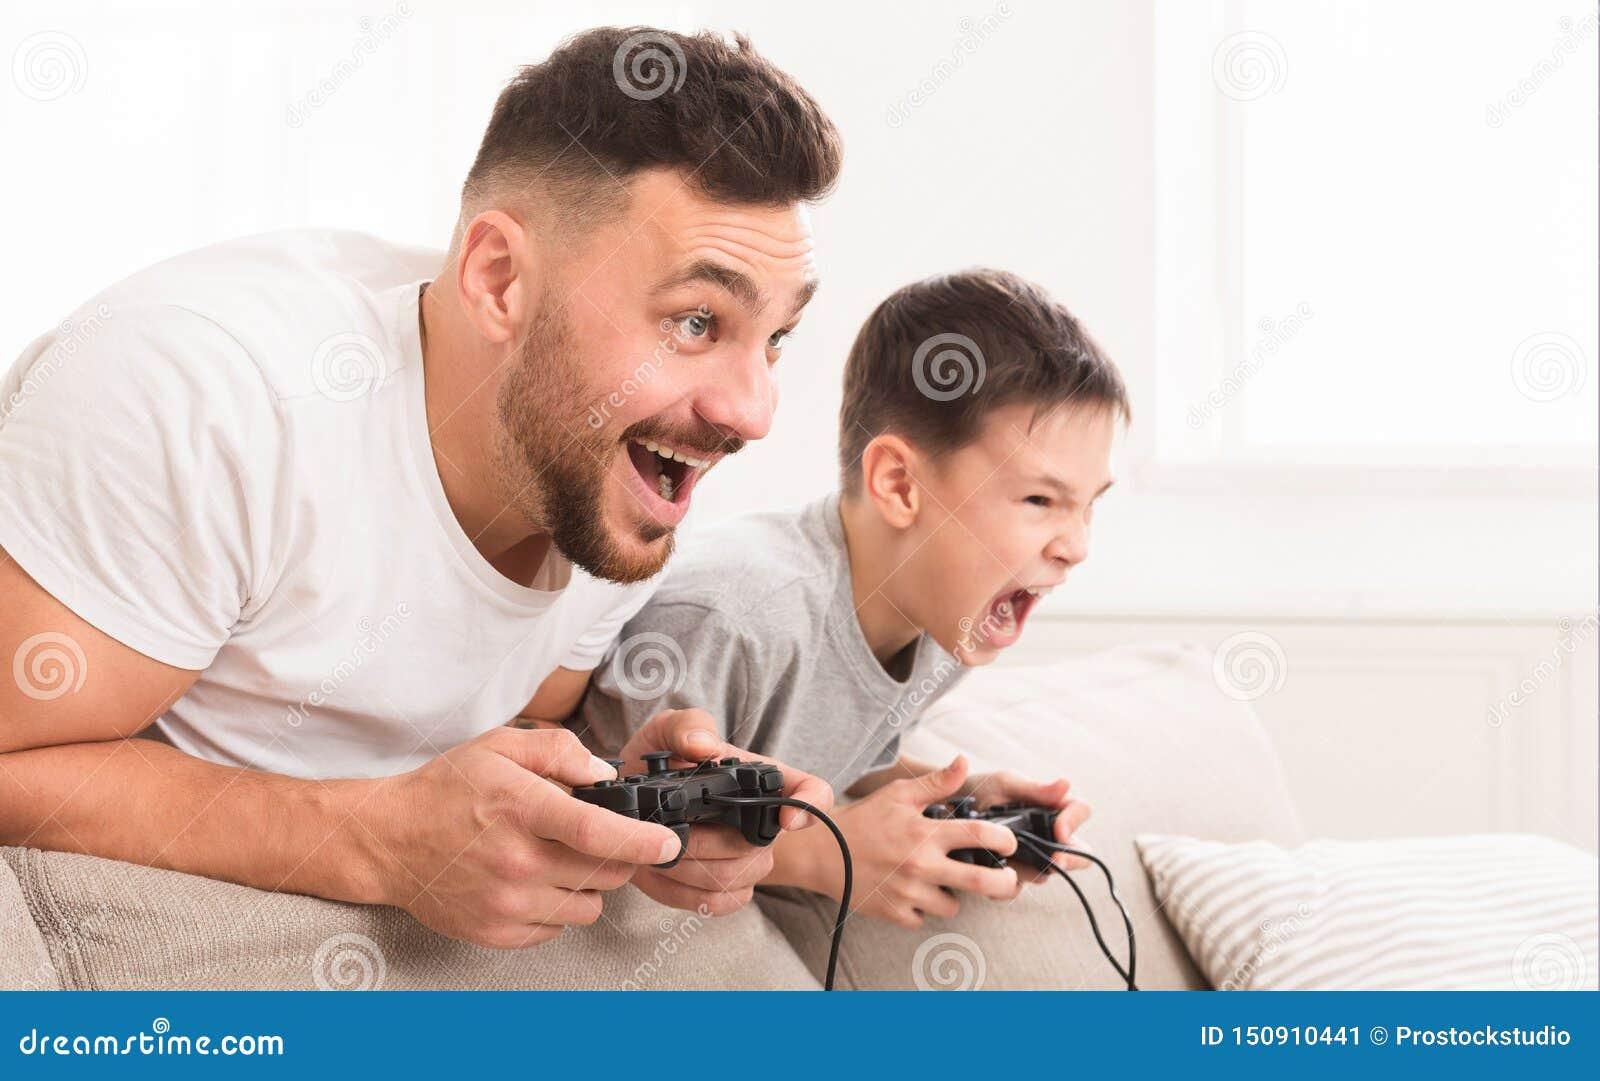 Emotioneel papa en zoons het spelen videospelletje die thuis, voor winst concurreren